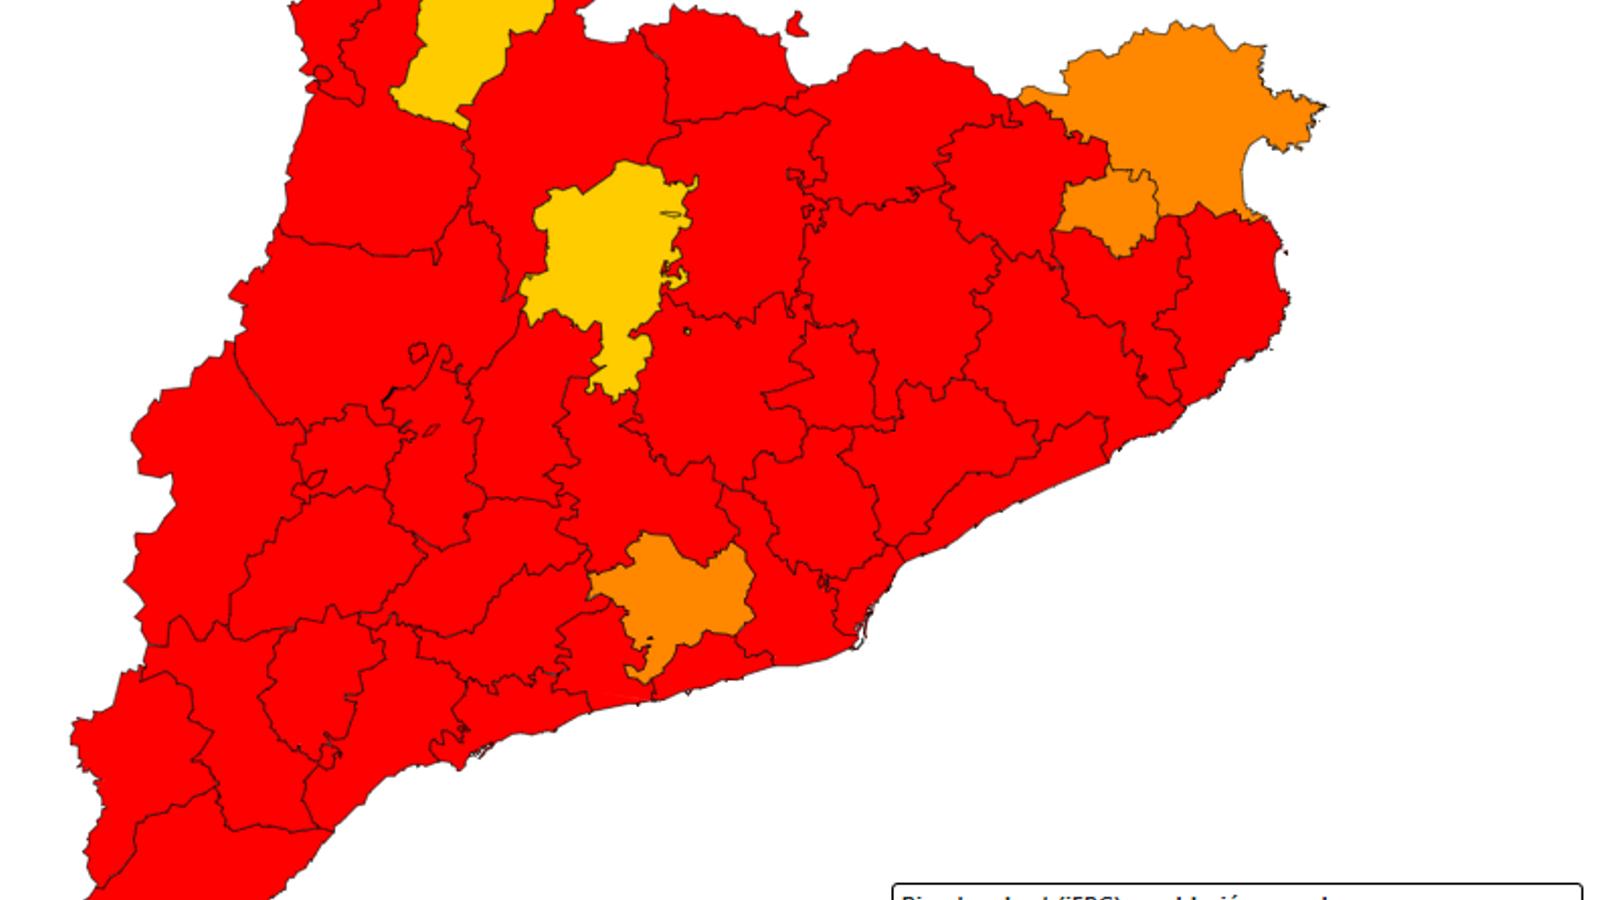 Mapa del risc de rebrot de coronavirus de Catalunya, per comarques.